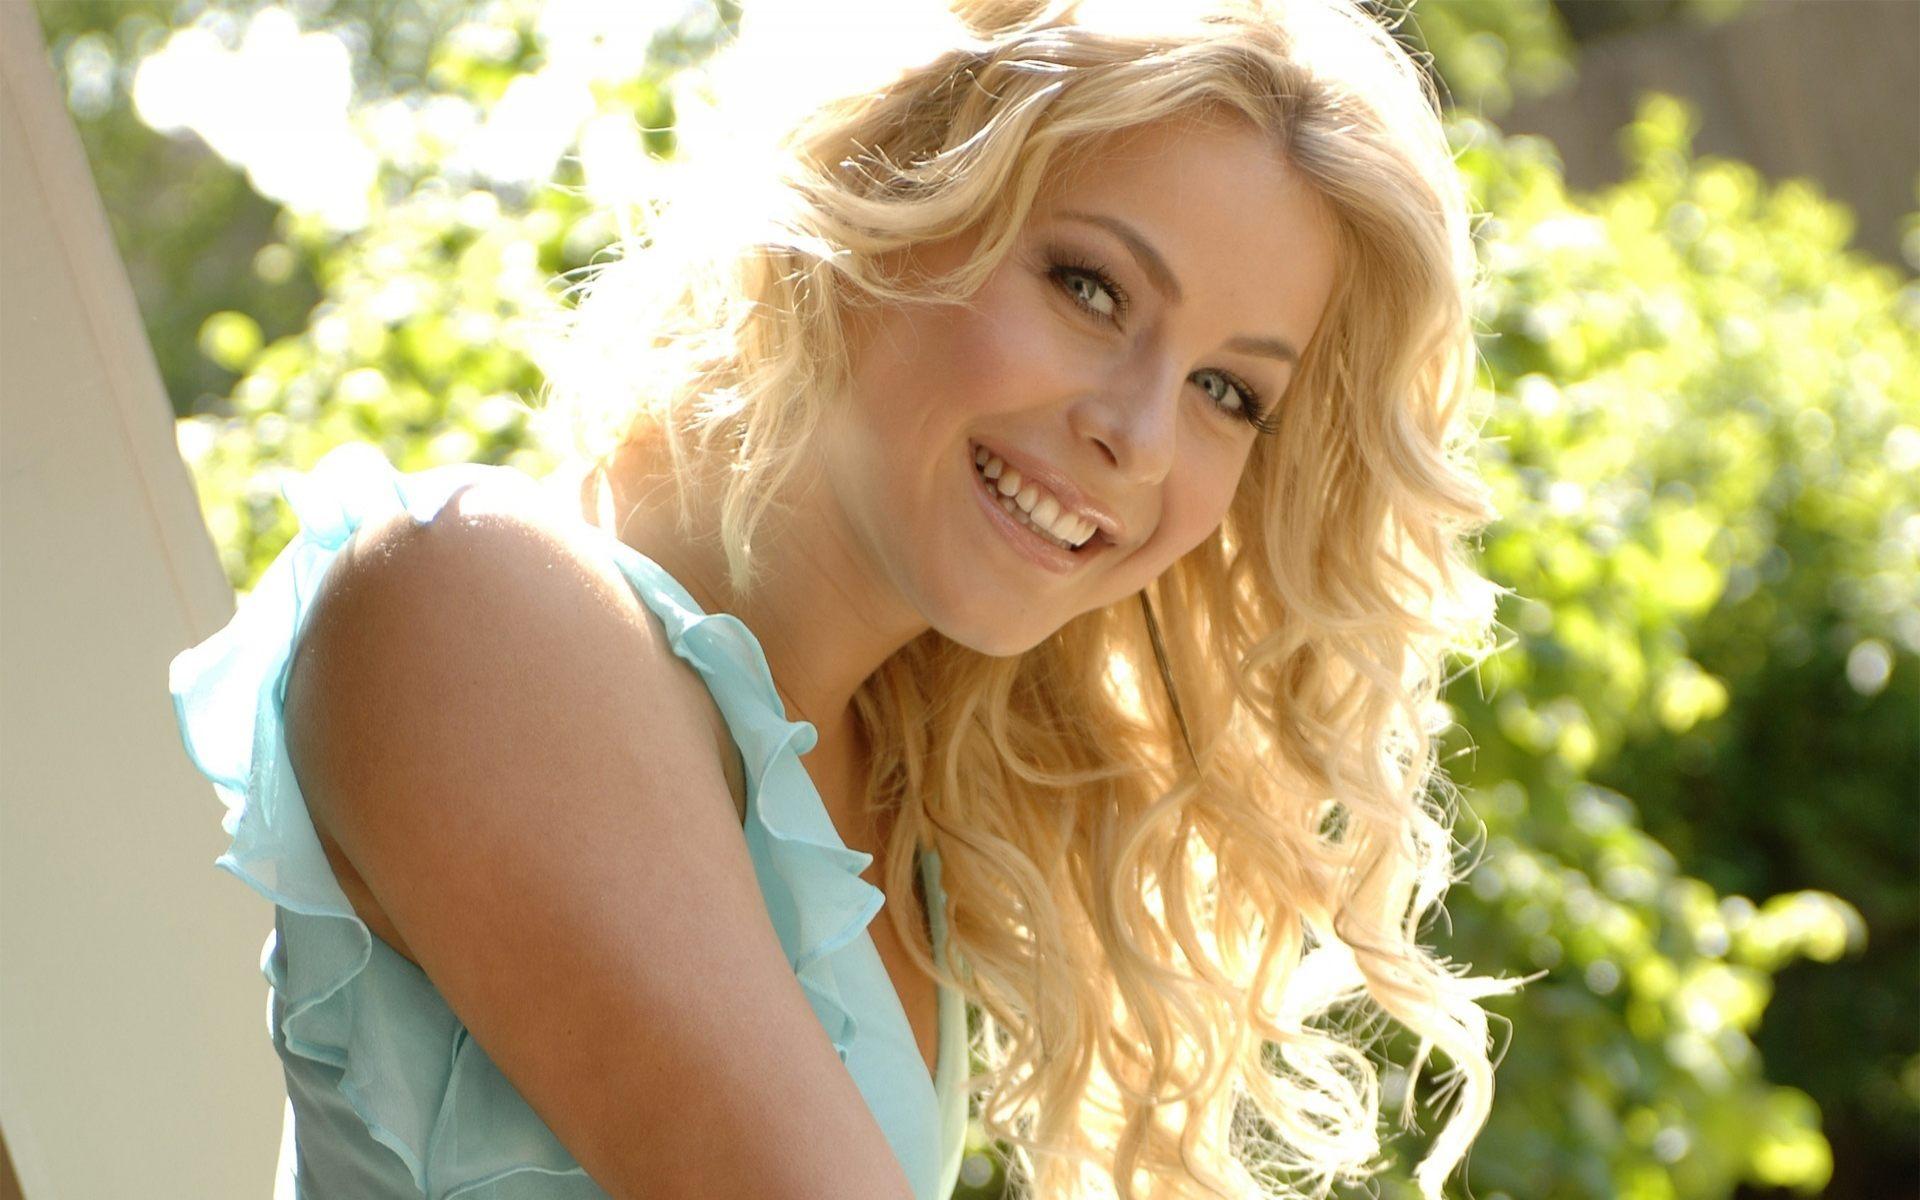 julianne_hough_devushka_ulybka_blondinka_1920x1200.jpg